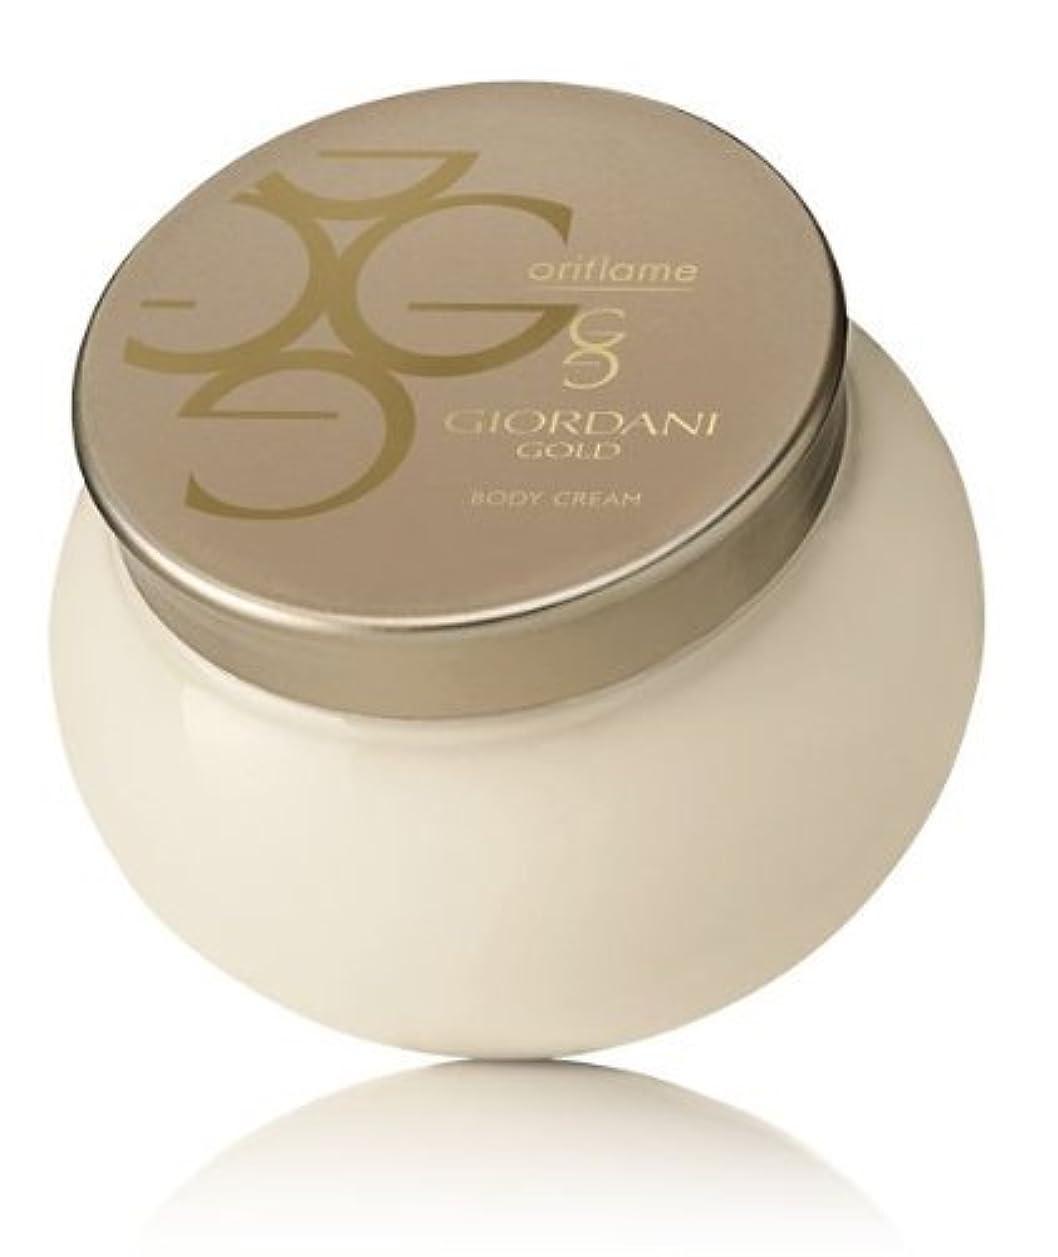 ラベル意識つかいますGiordani Gold Body Cream by Oriflame